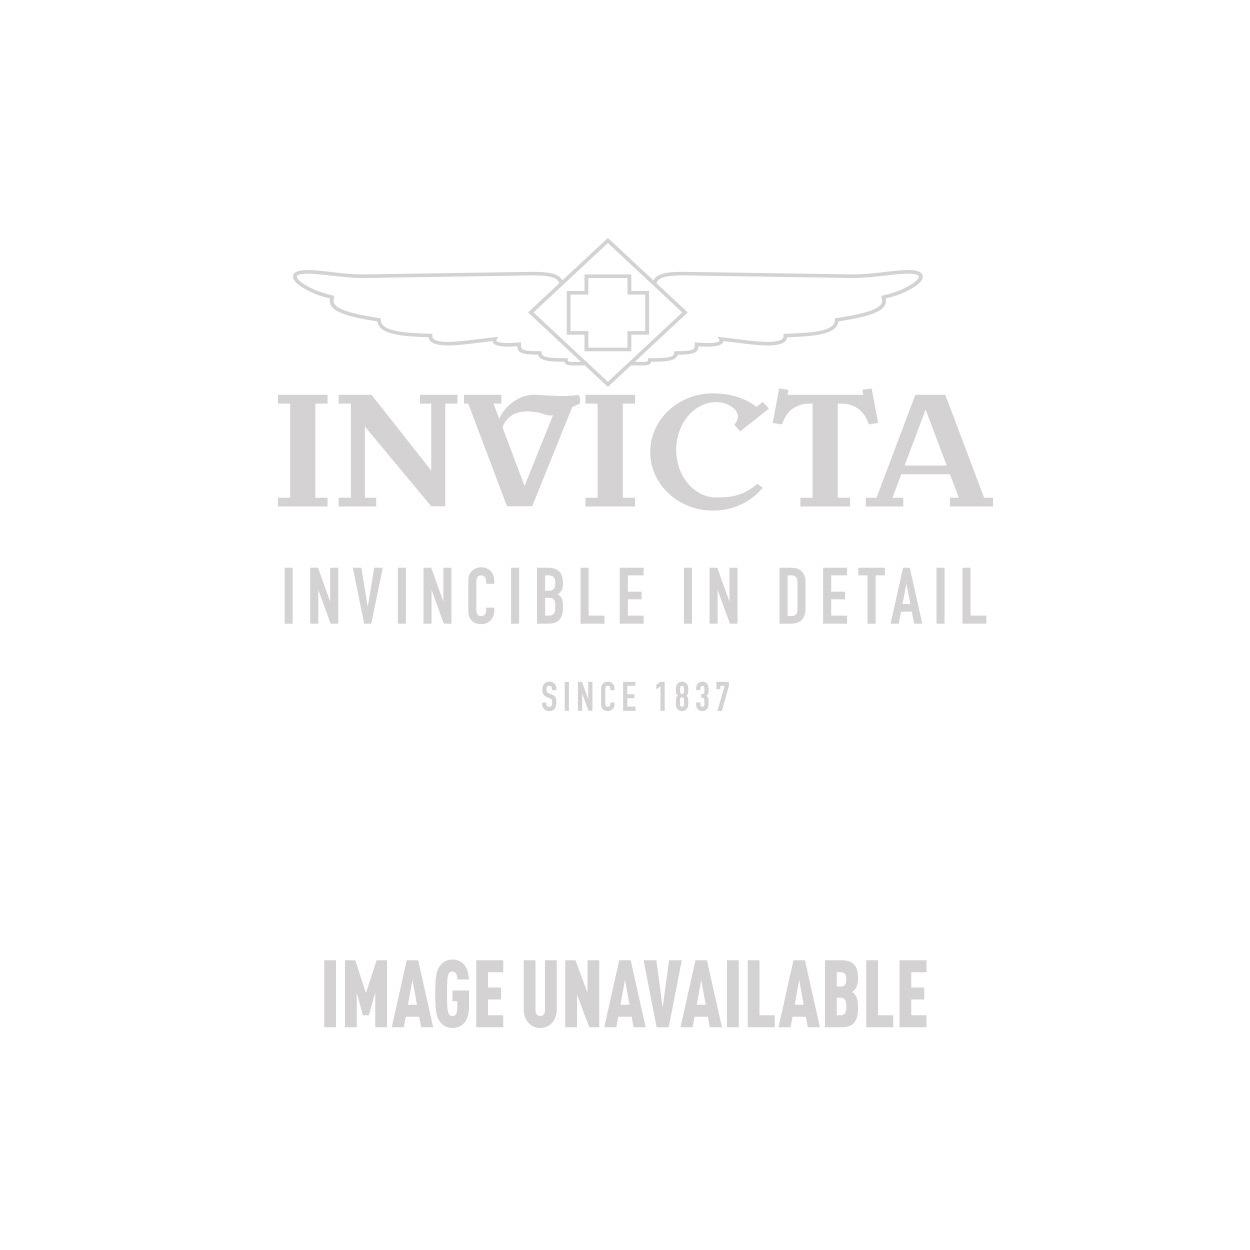 Invicta Model 23658